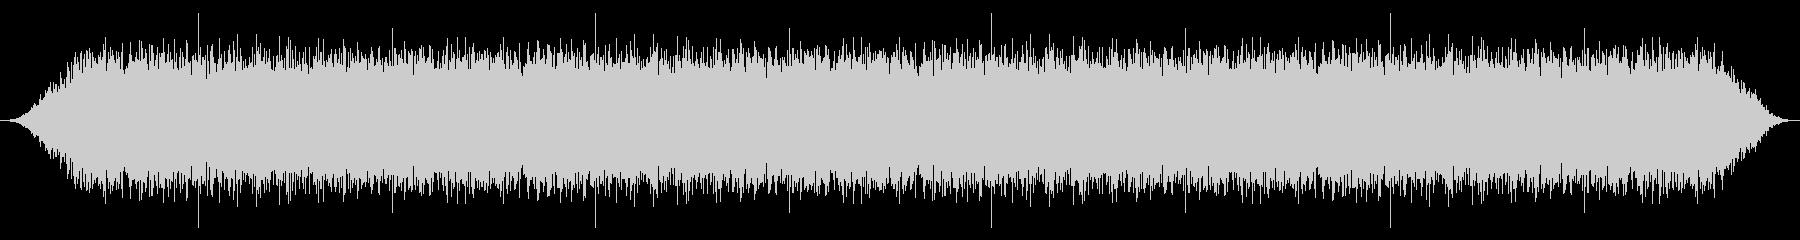 PC 駆動音02-08(ロング)の未再生の波形